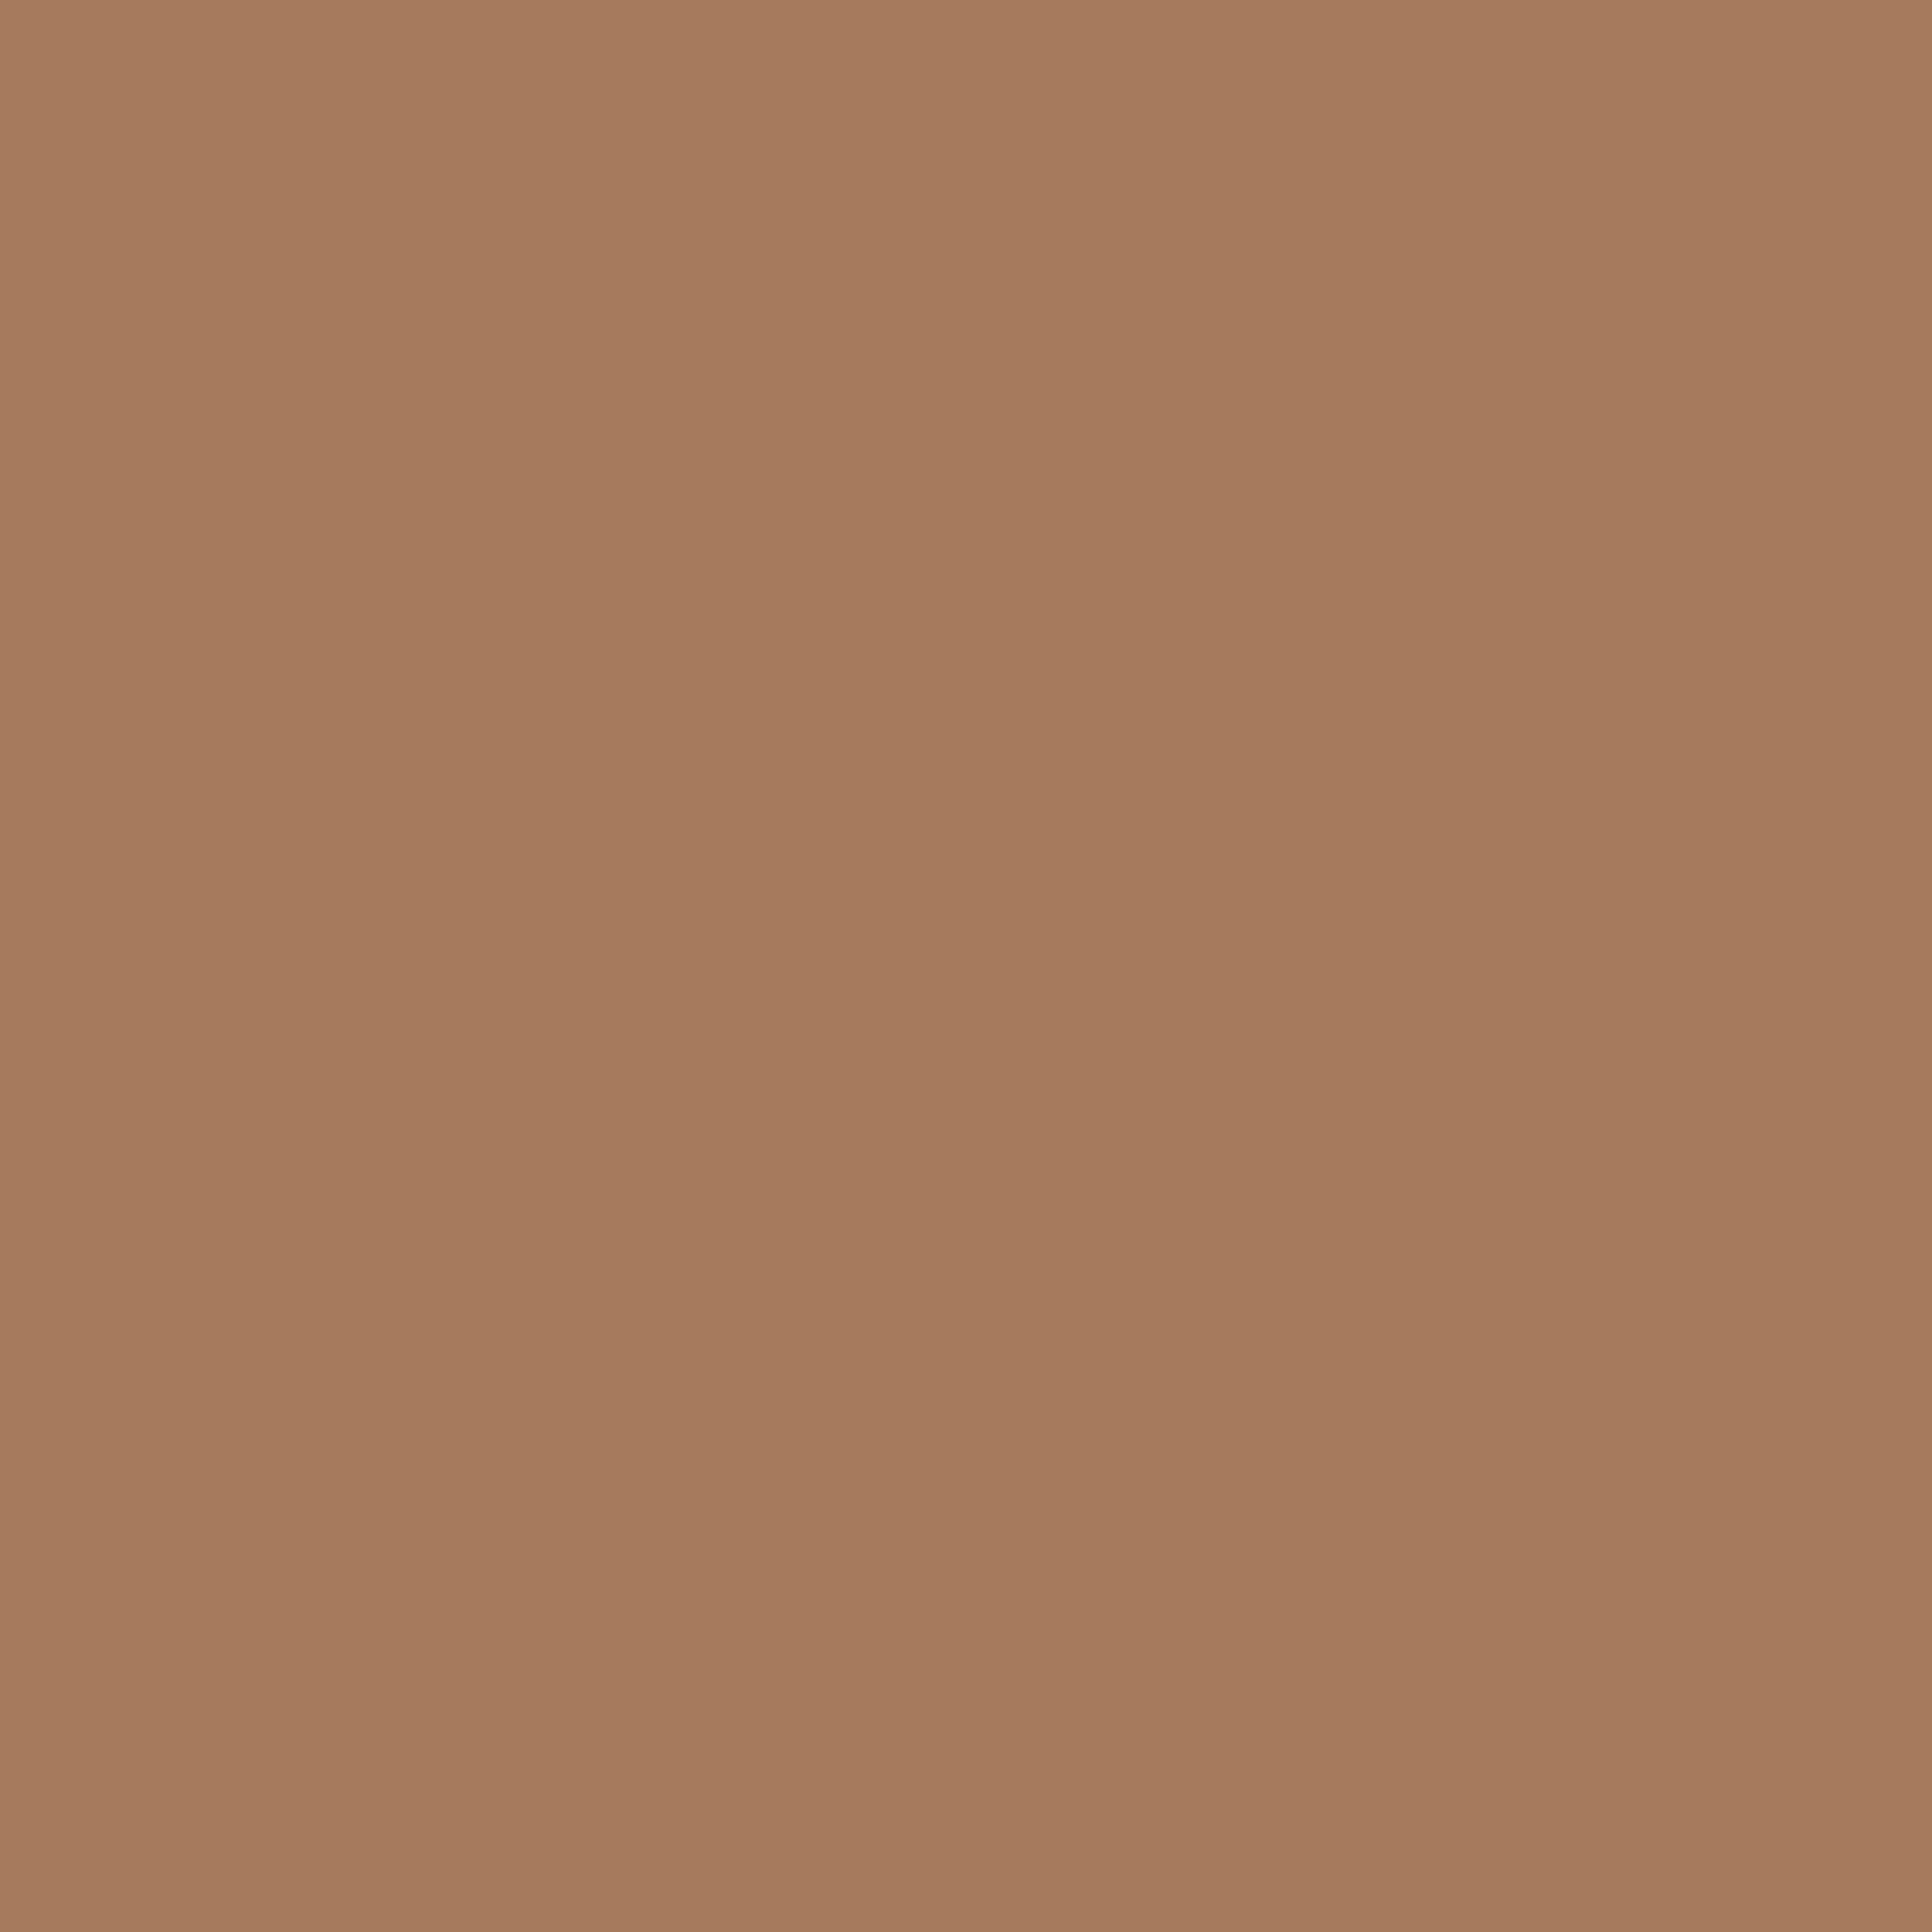 2048x2048 Cafe Au Lait Solid Color Background